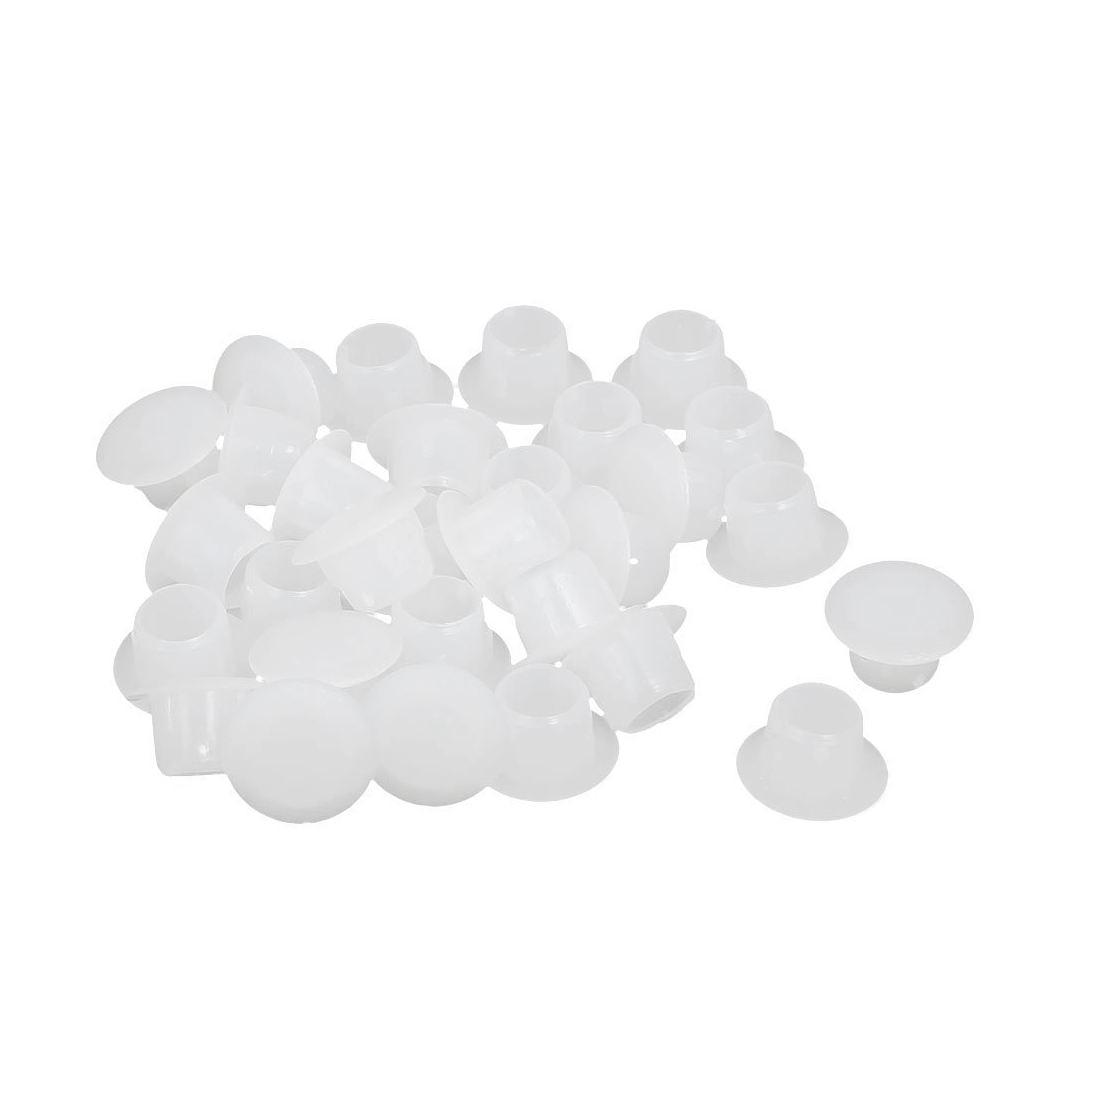 цена на 8mm Dia Plastic Straight Line Screw Cap Covers Hole Lids White 30pcs